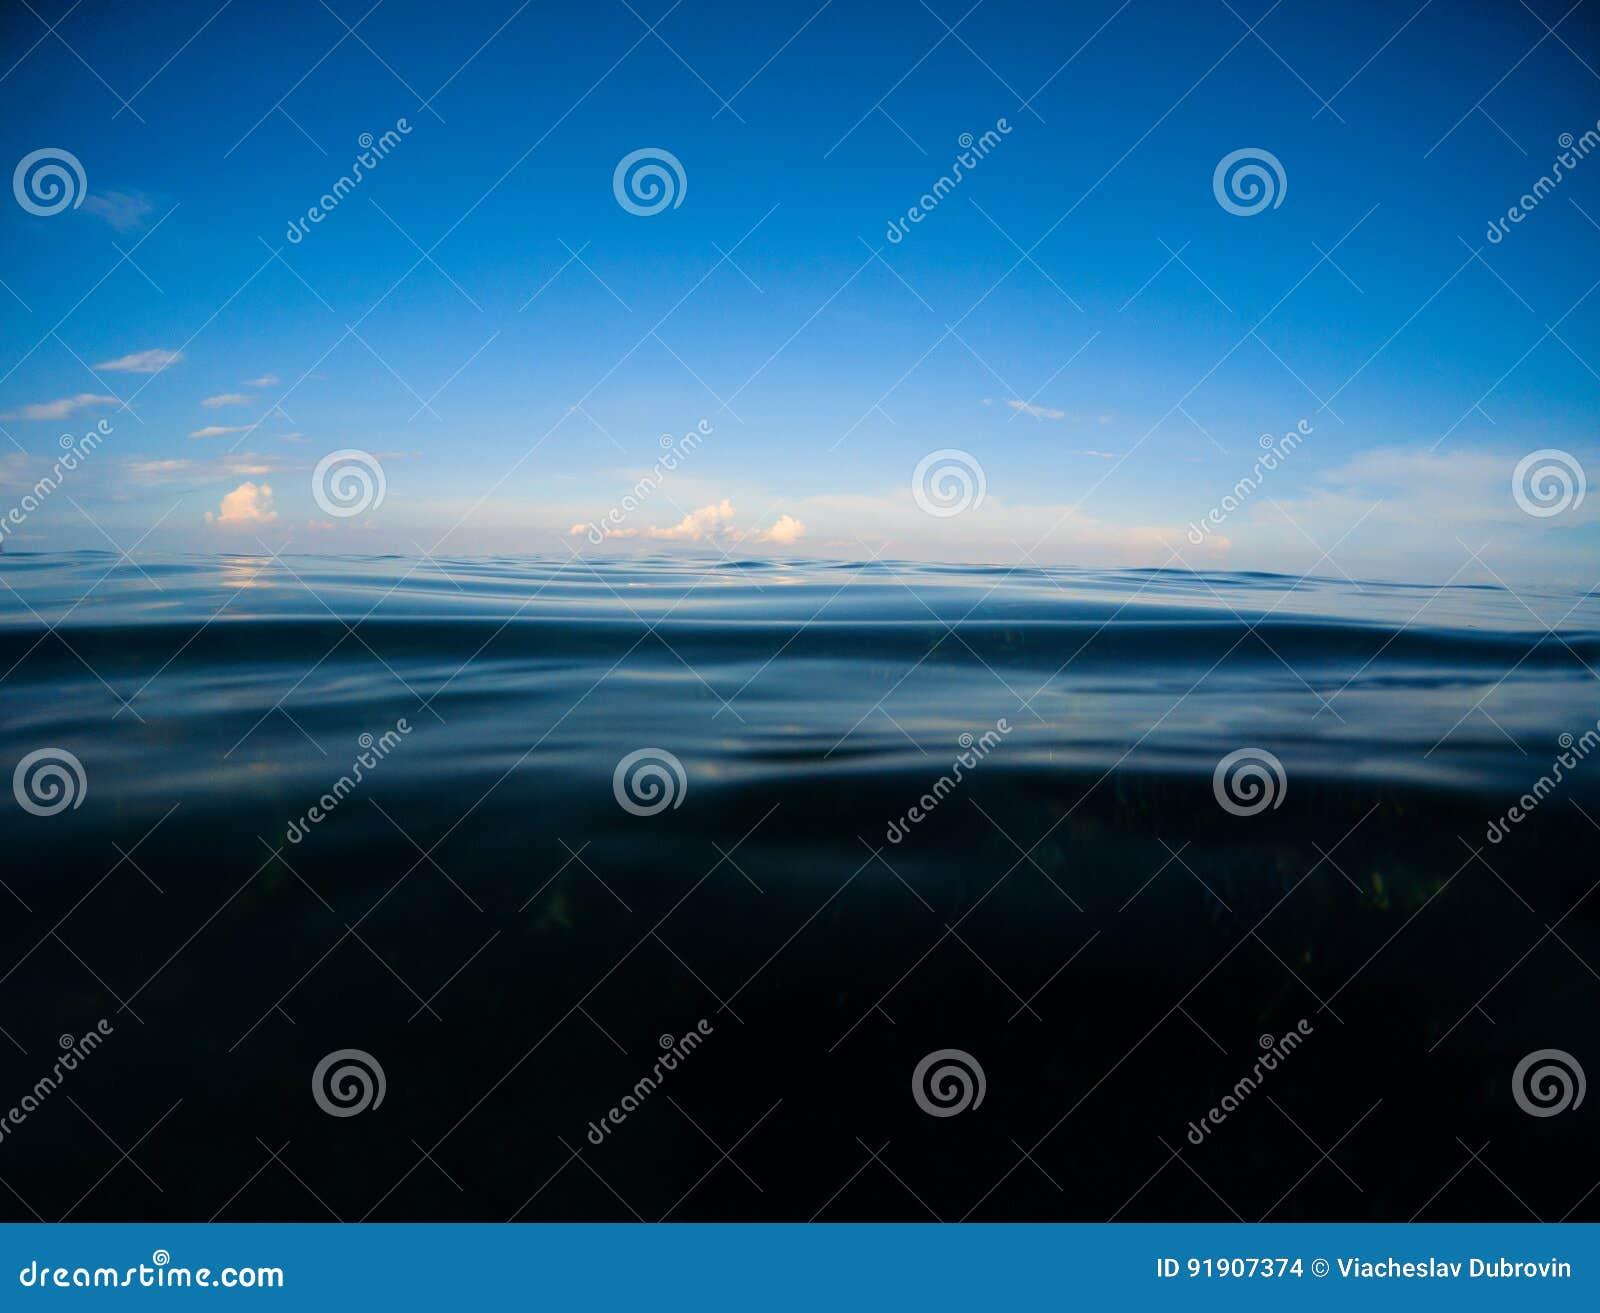 Mar escuro e céu azul profundo Paisagem dobro com água do mar e céu